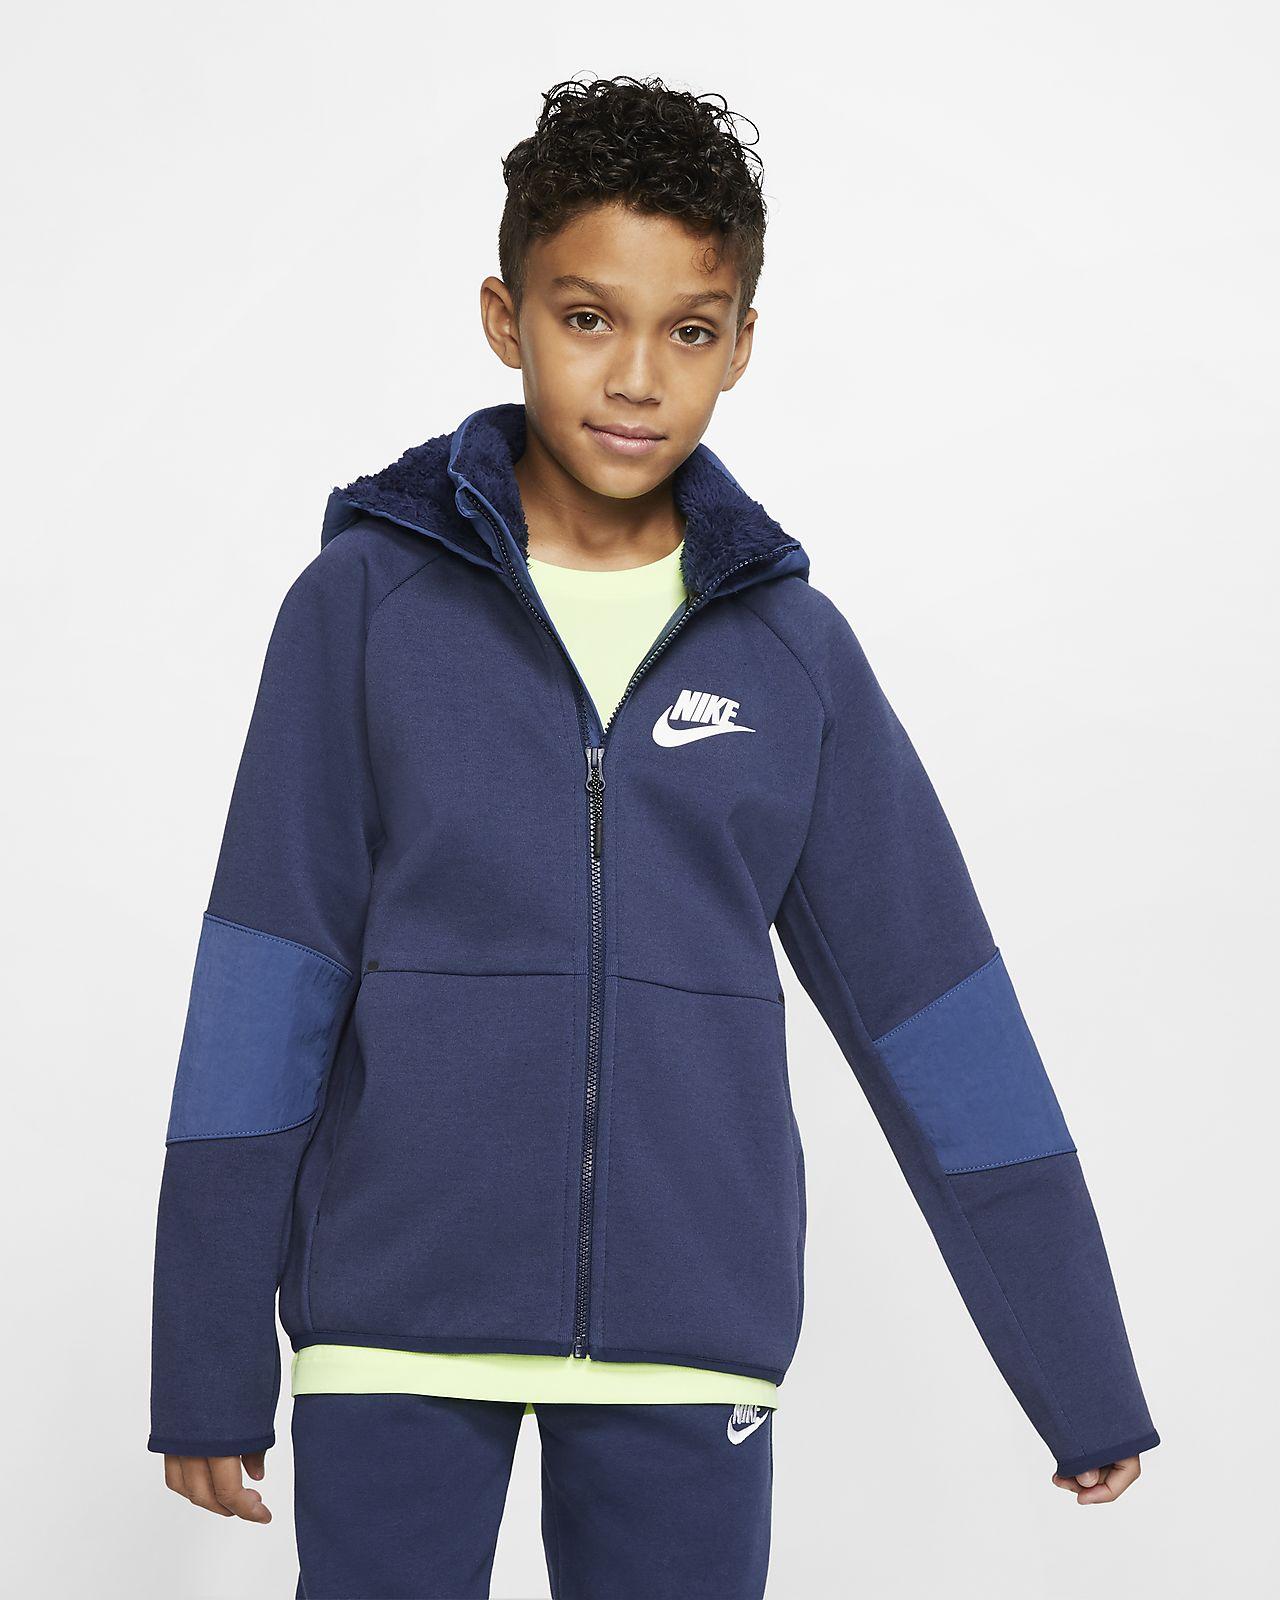 Nike Sportswear Winterized Tech Fleece Older Kids' Full Zip Hoodie